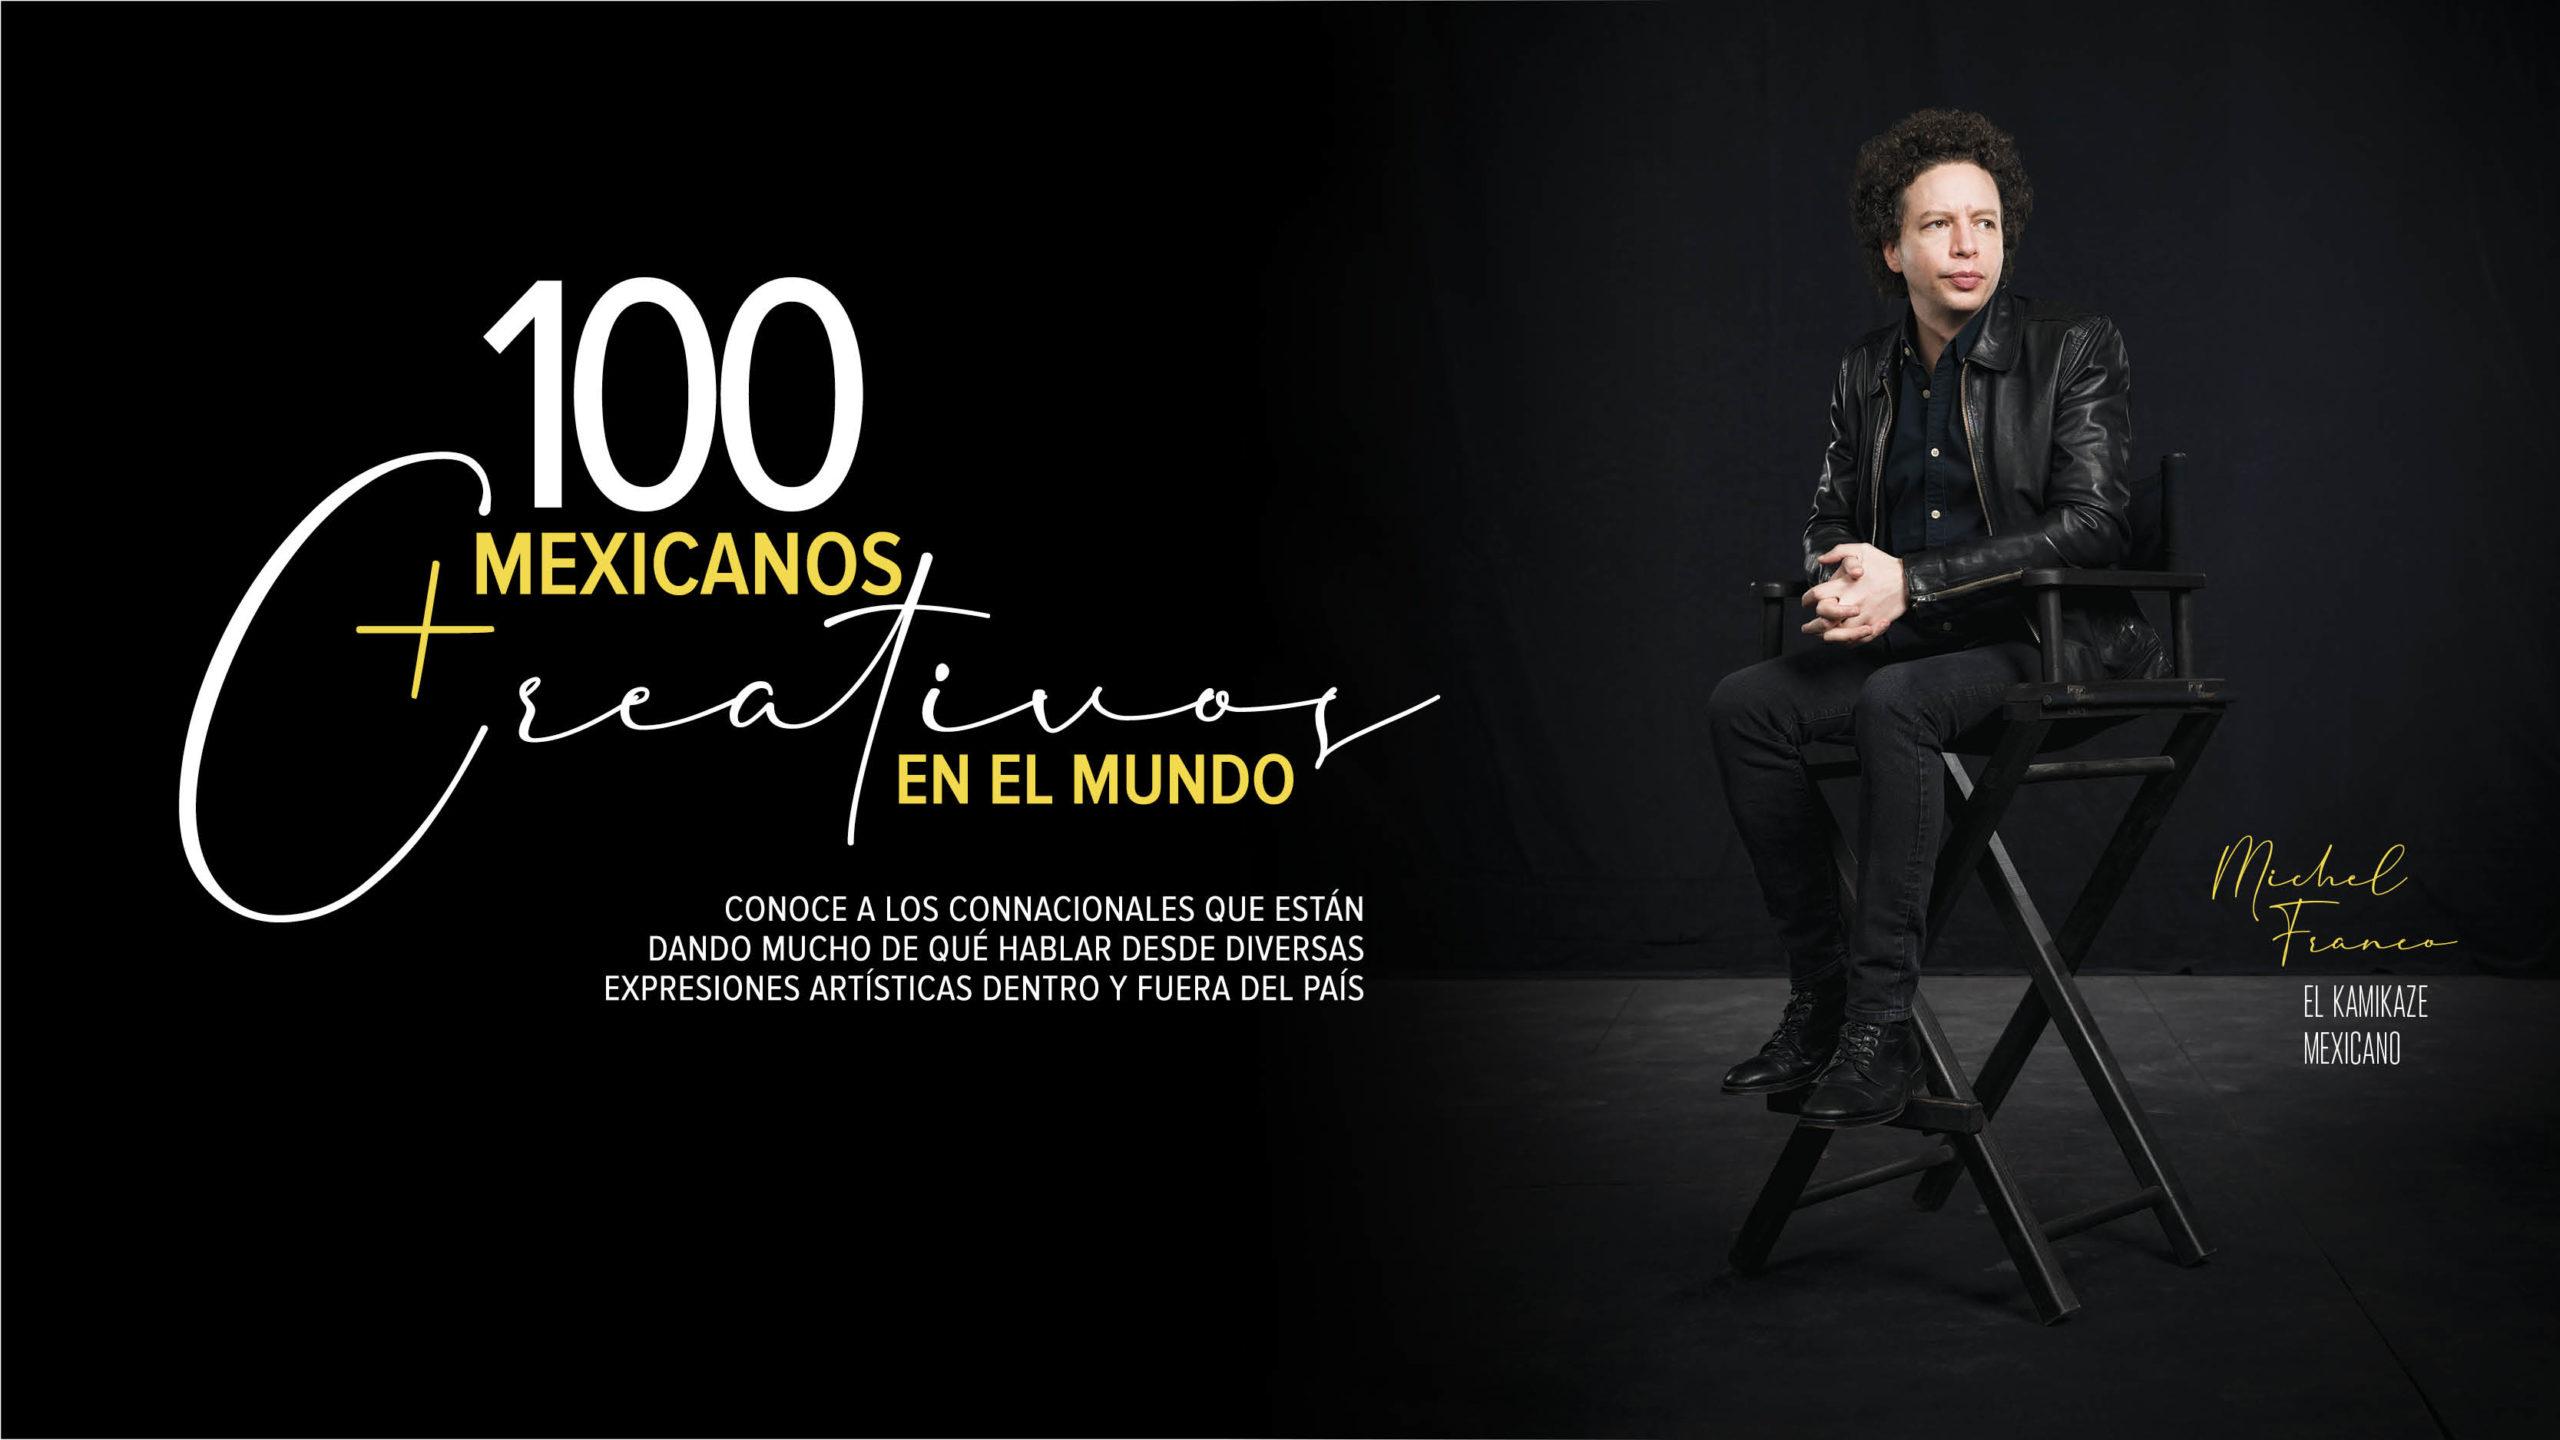 100 Creativos Mexicanos 2020 | La difícil tarea de sobrevivir a Covid-19